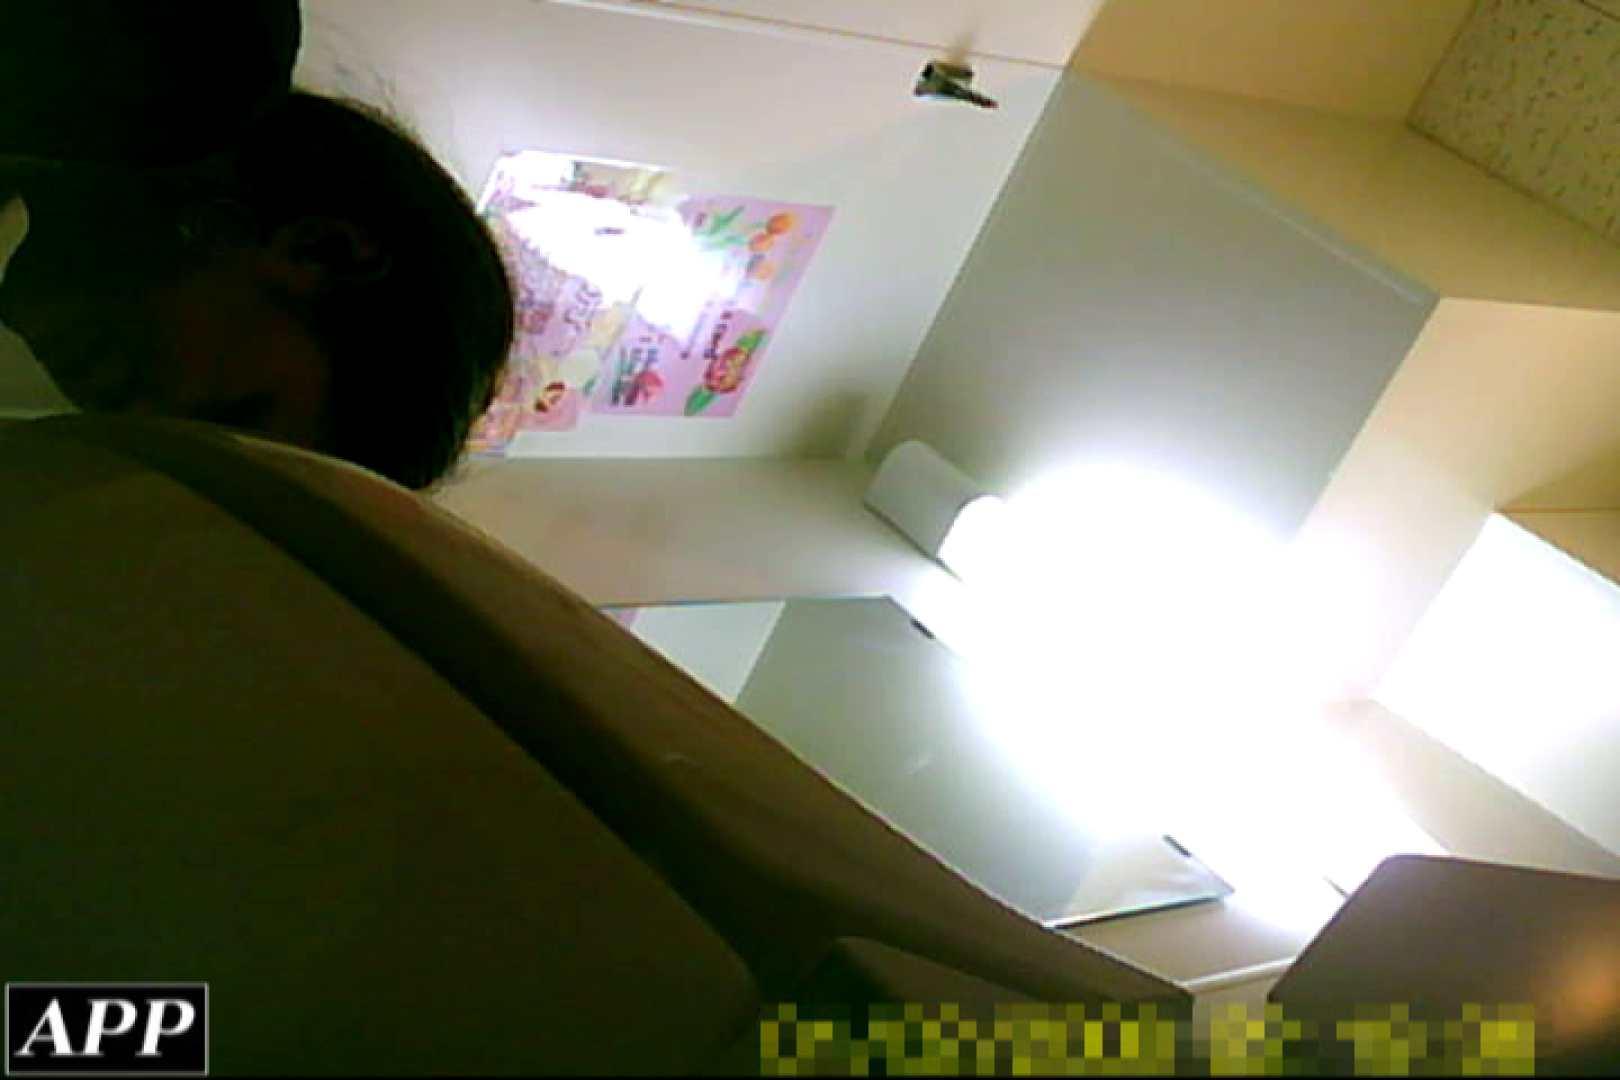 3視点洗面所 vol.110 洗面所 隠し撮りオマンコ動画紹介 99画像 51